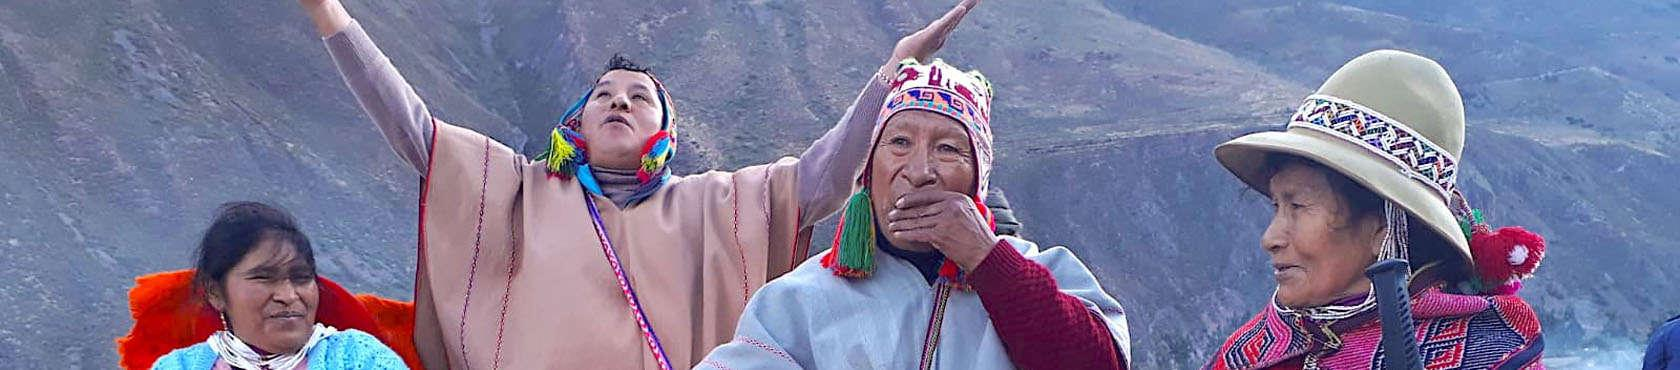 Alto mesayoq, pampa mesayoq und der Pfad der Tänzer 1